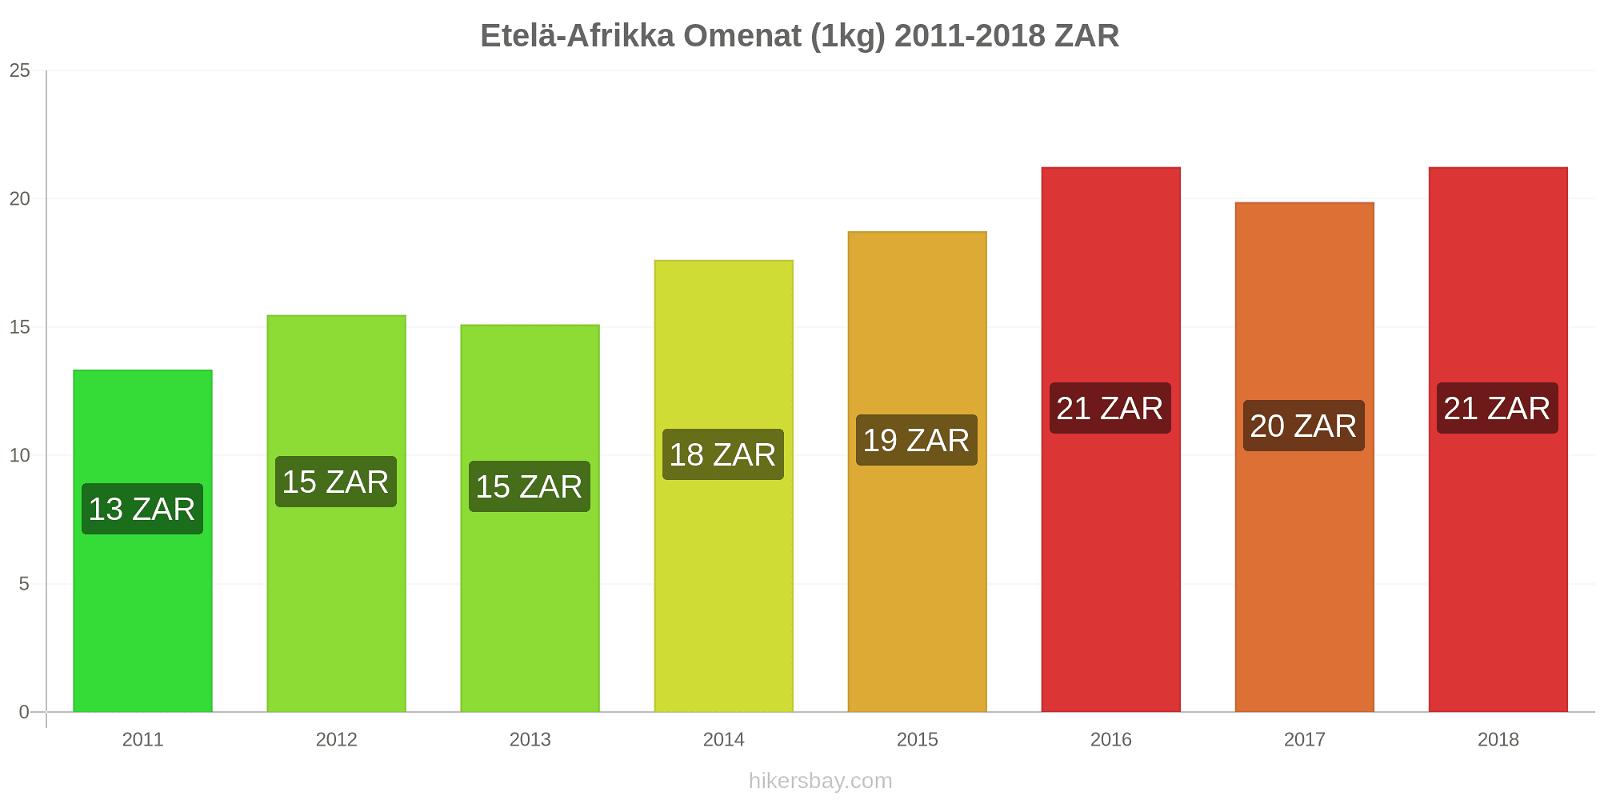 Etelä-Afrikka hintojen muutokset Omenat (1kg) hikersbay.com